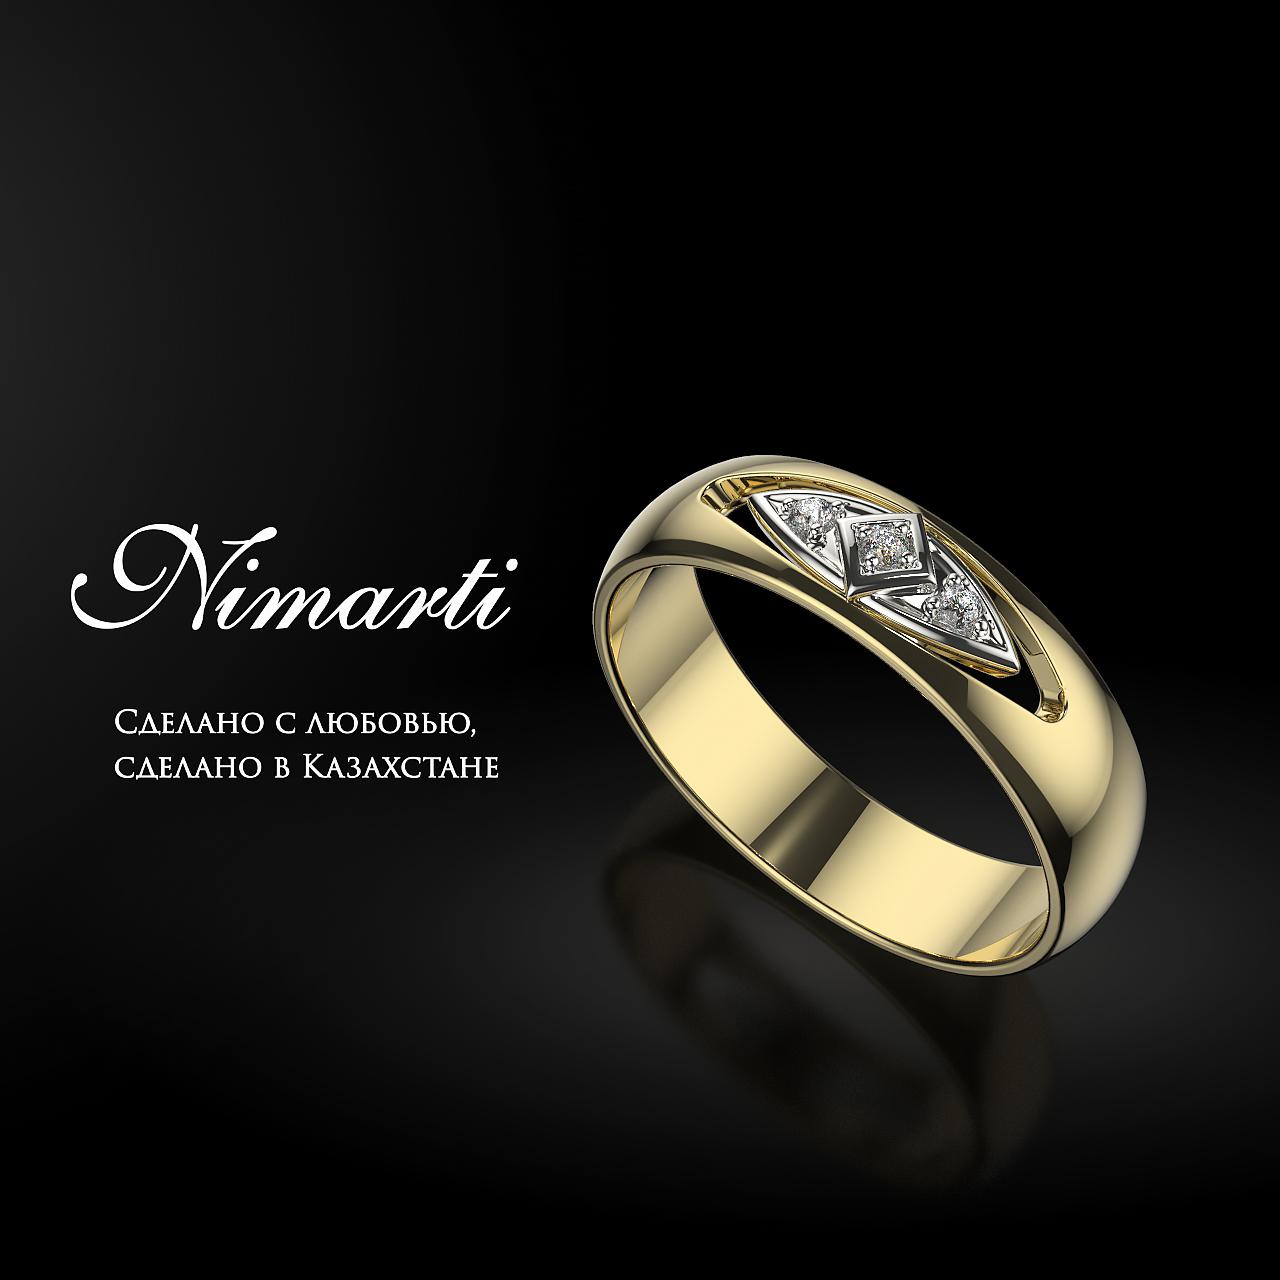 Обручальное кольцо с накладкой